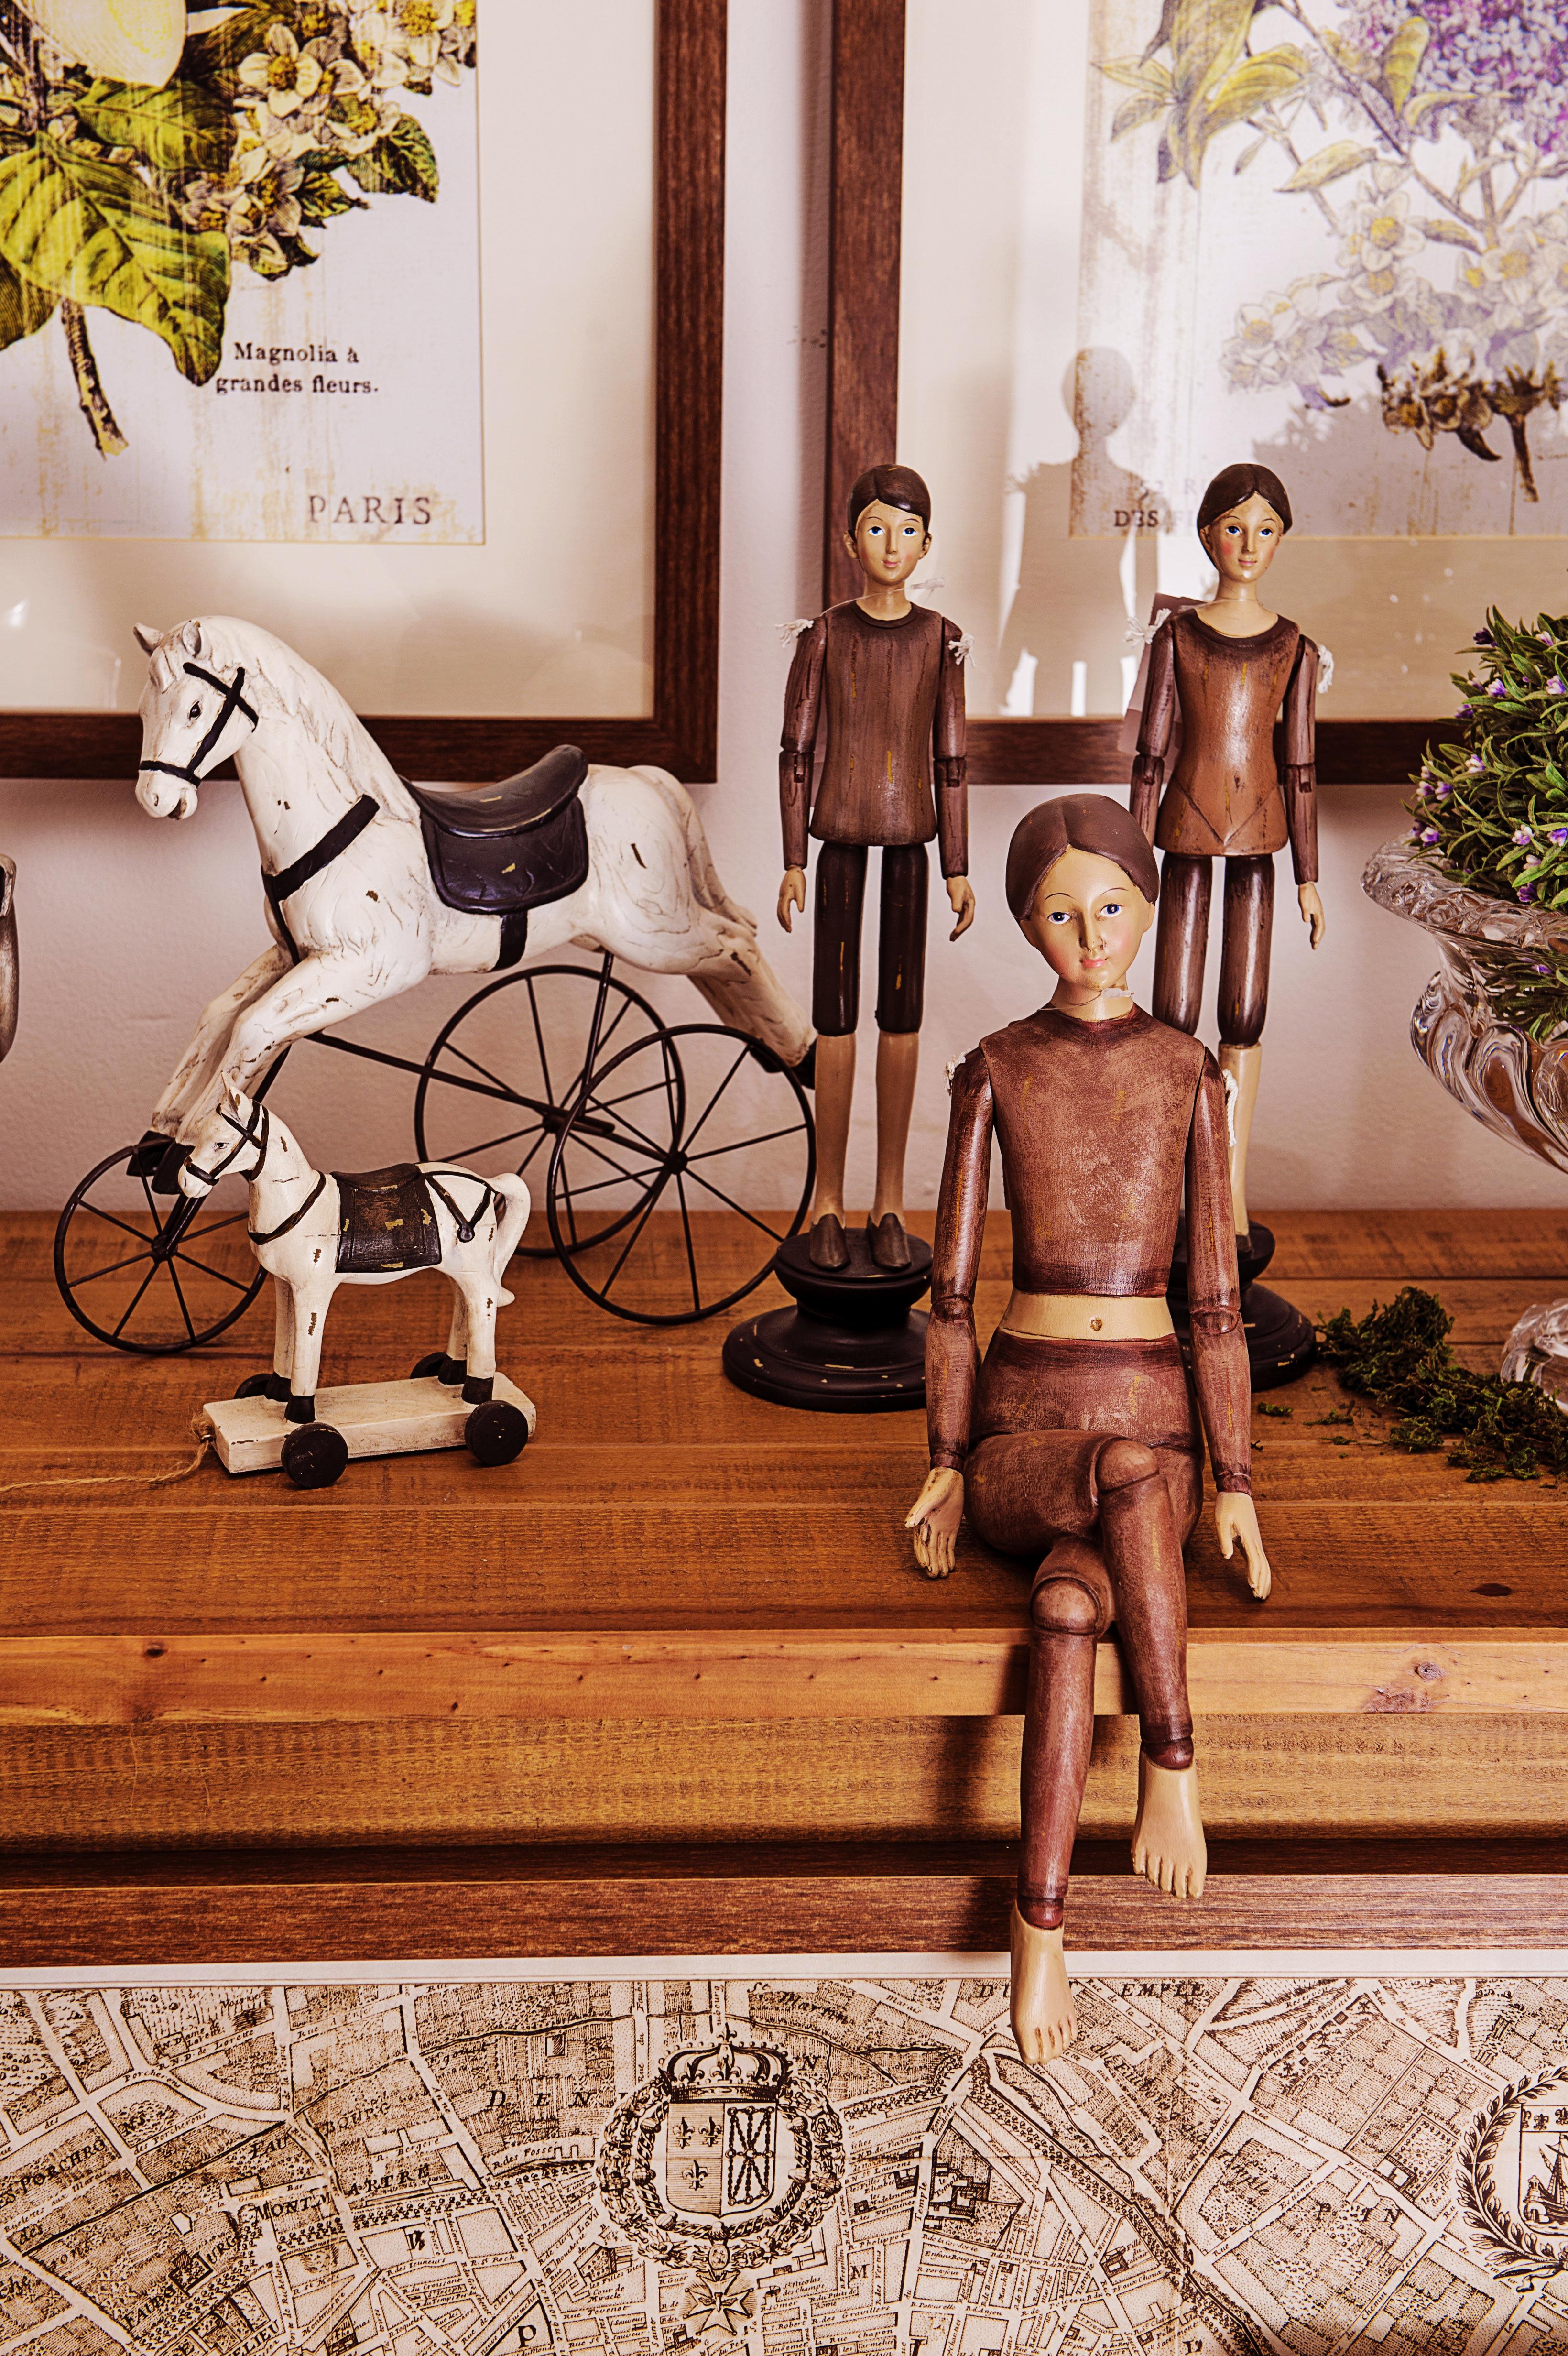 Antiques: cavalinhos de brinquedo e marionetes antigas lembram as lojinhas que de bric-a-brac que encontramos em quase todas as esquinas de Paris. Essas são de resina.